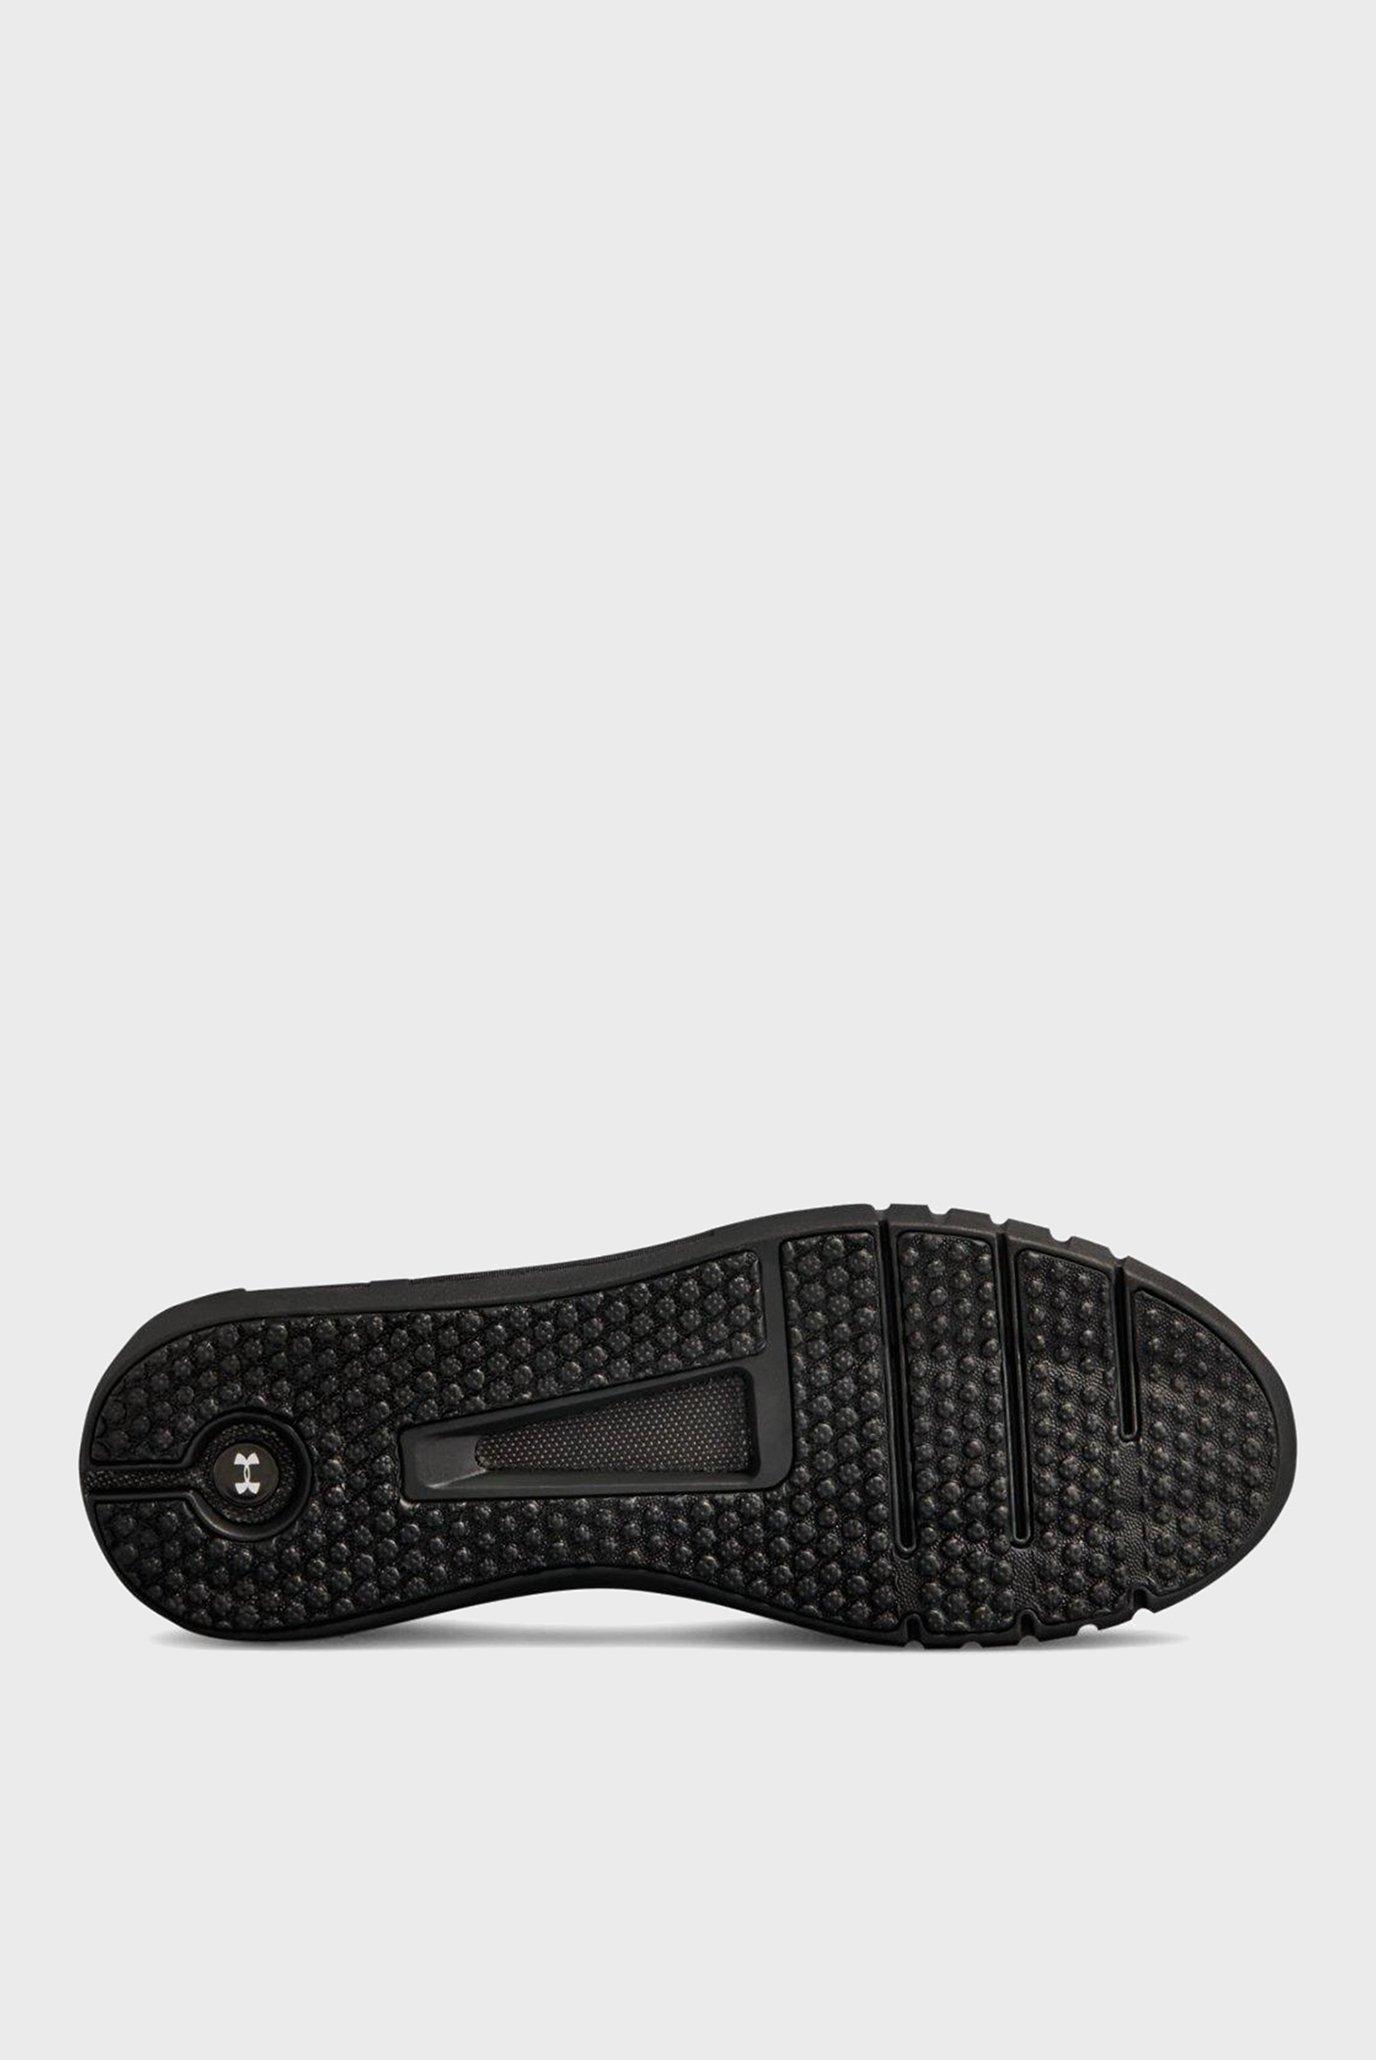 Купить Мужские черные кроссовки HOVR SLK Under Armour Under Armour 3021220-004 – Киев, Украина. Цены в интернет магазине MD Fashion